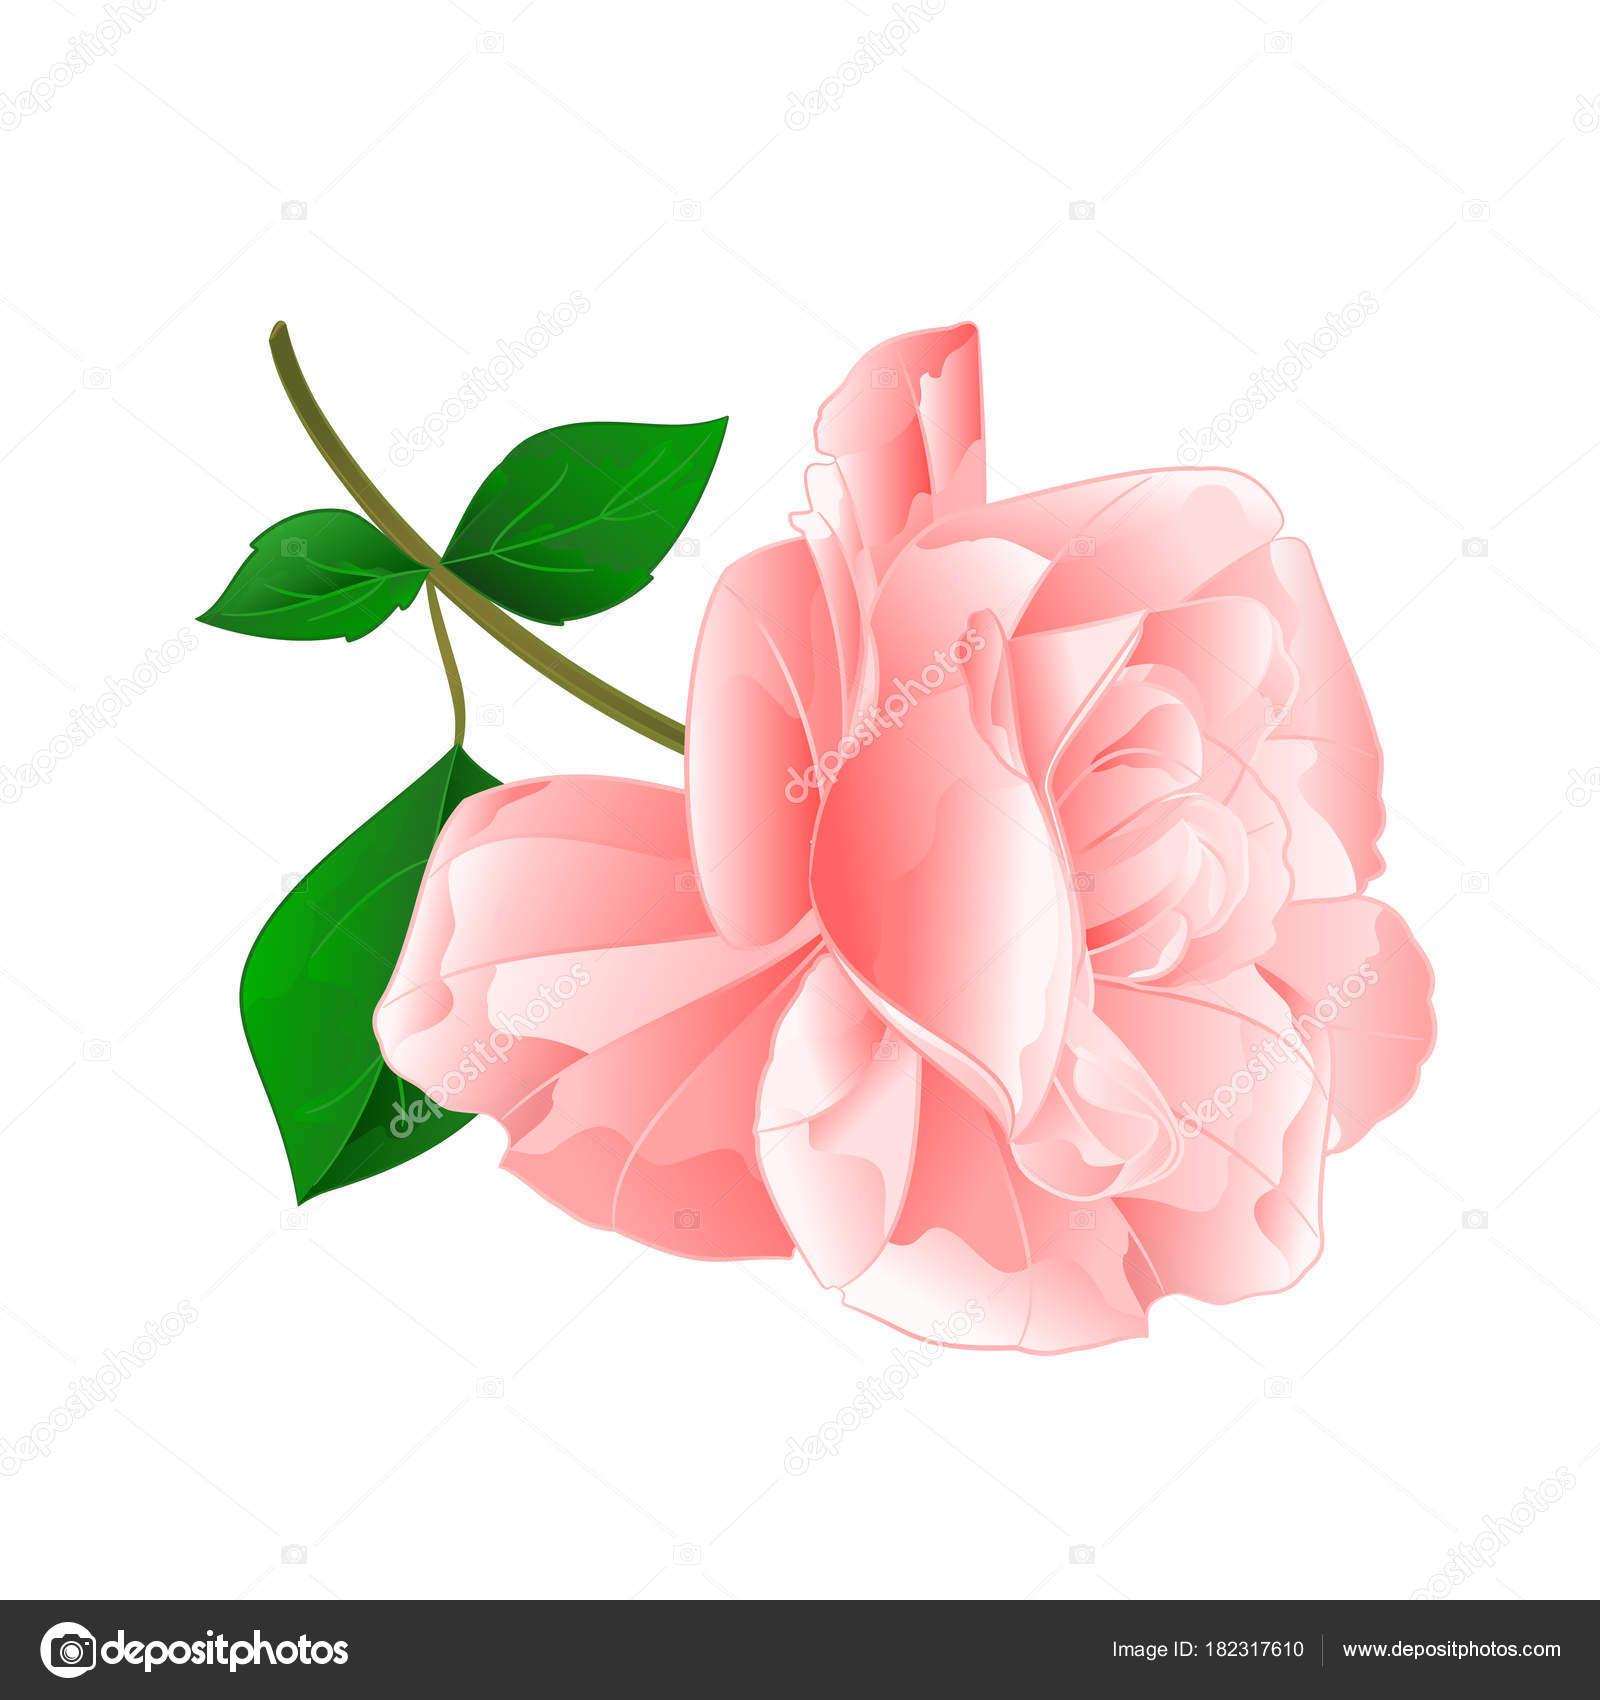 rosa flor rosa galho com folhas desenhar mão ilustração editável